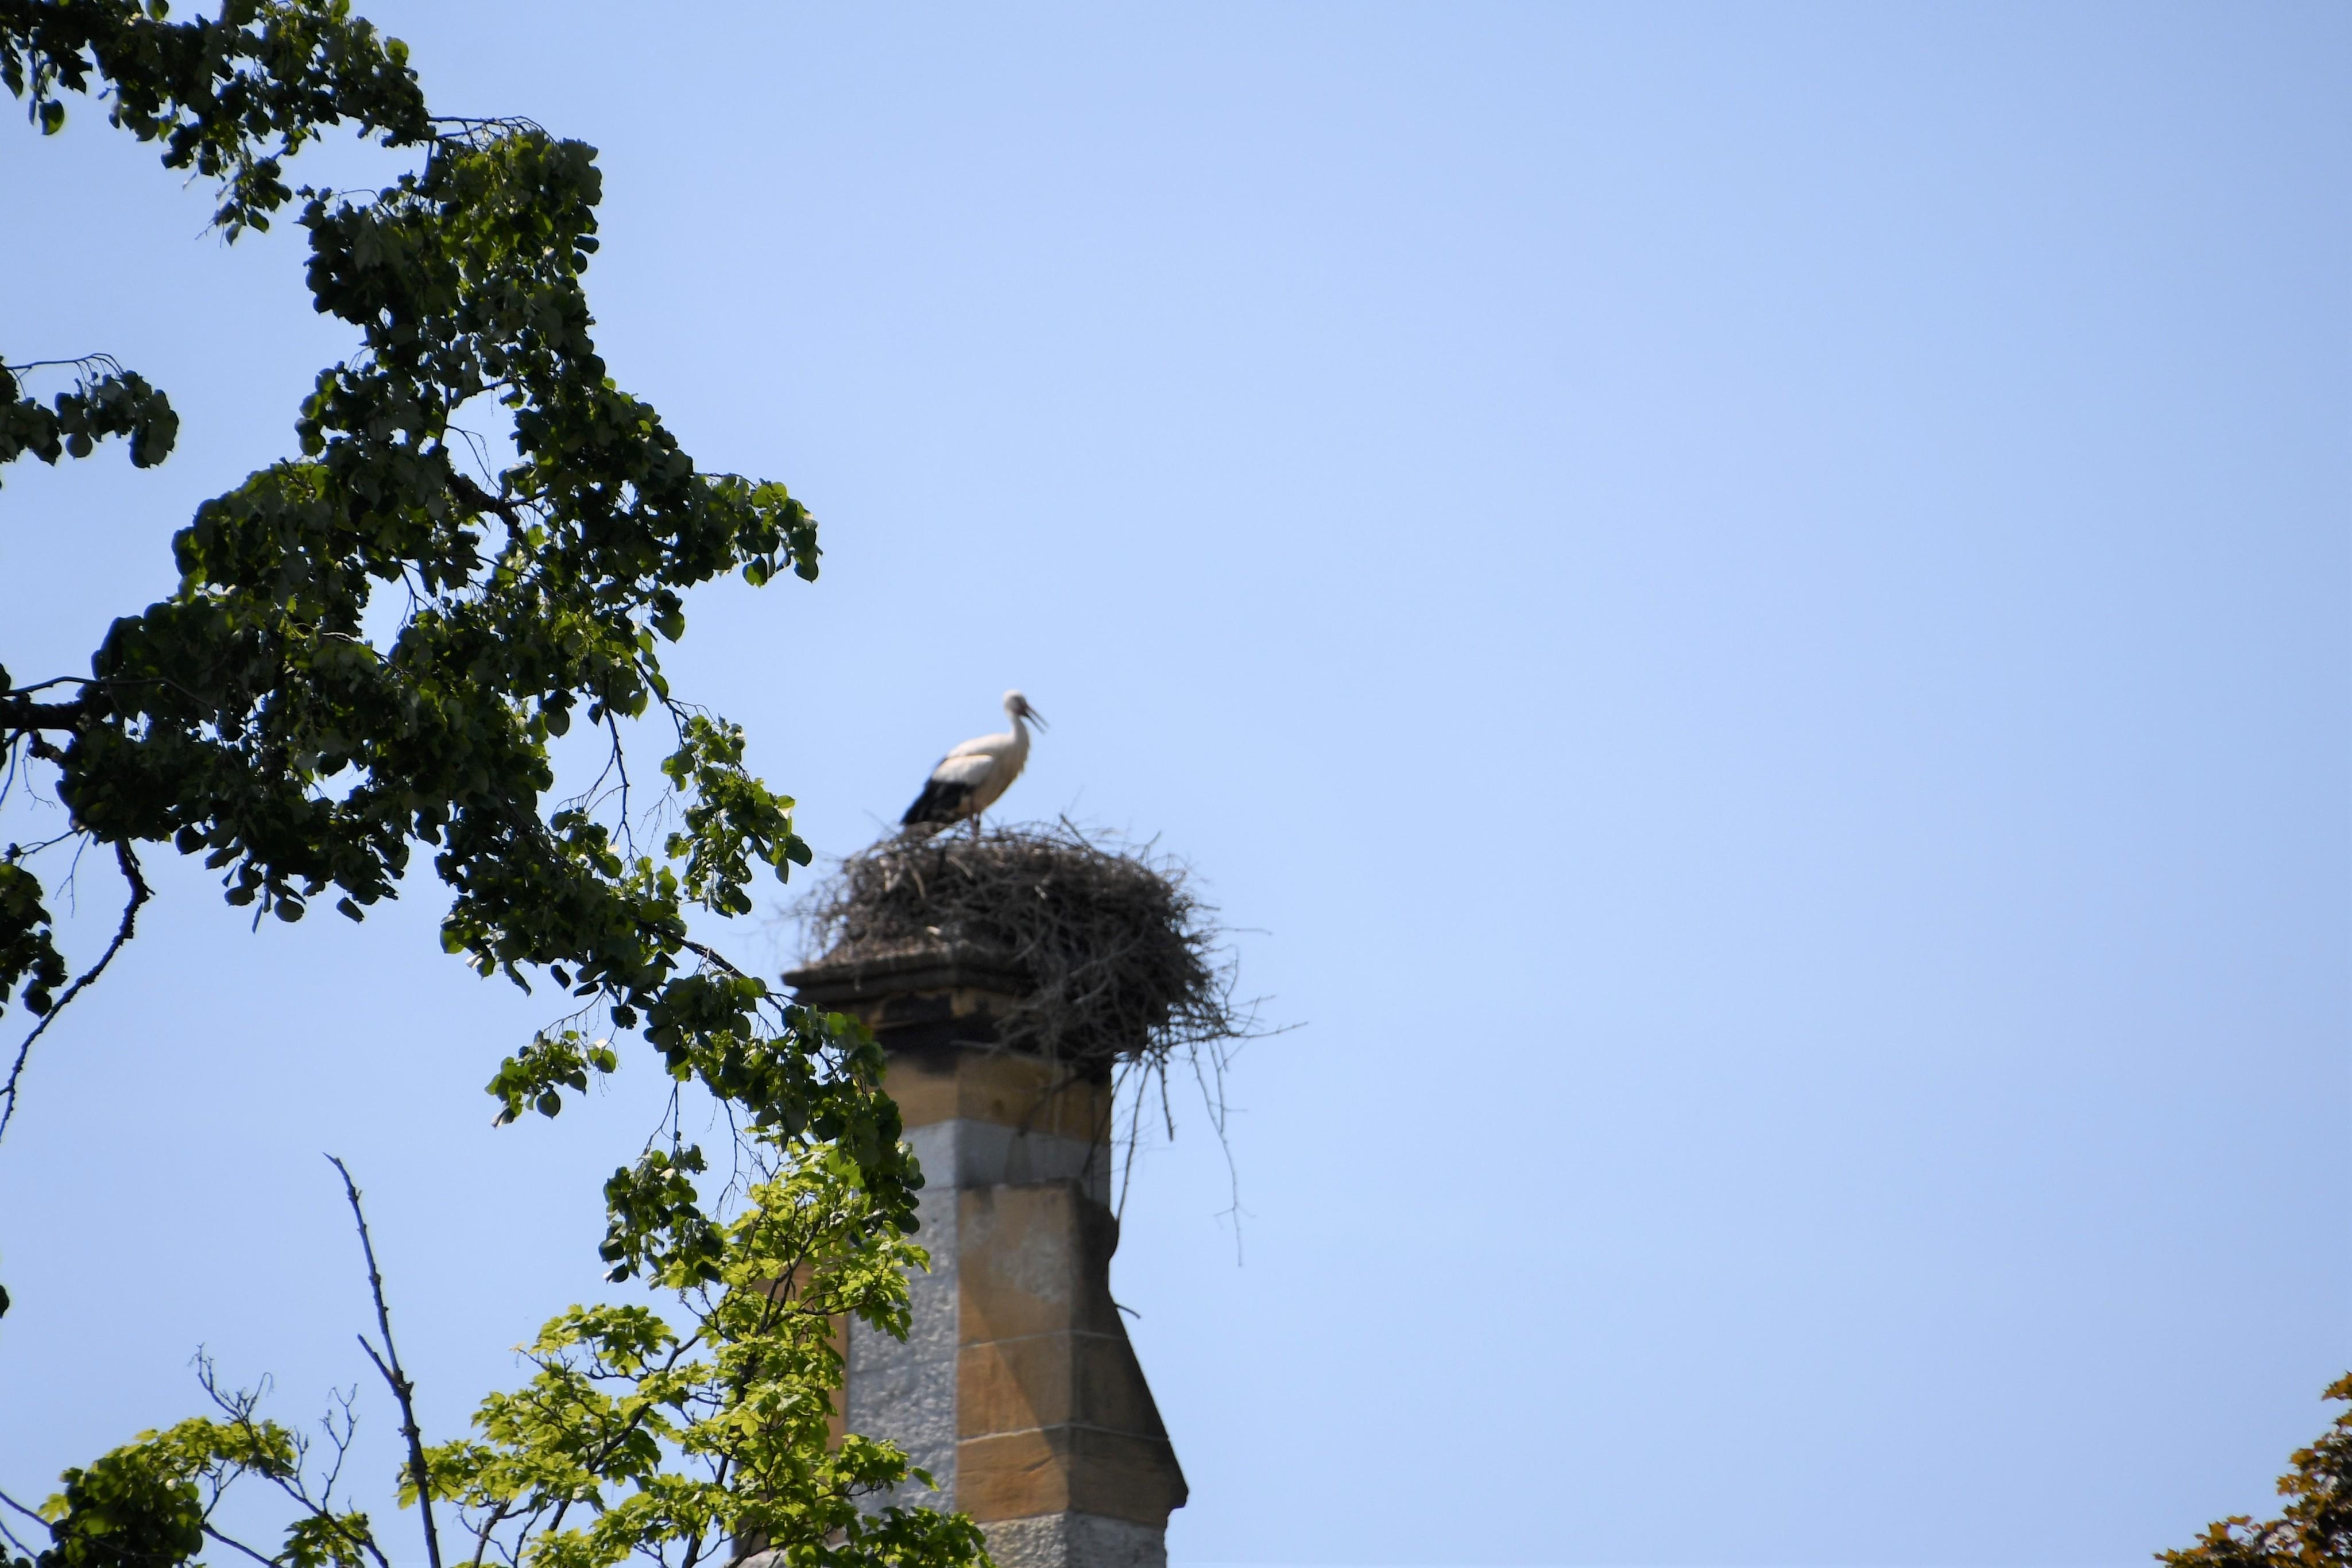 stork-04.06-2-1